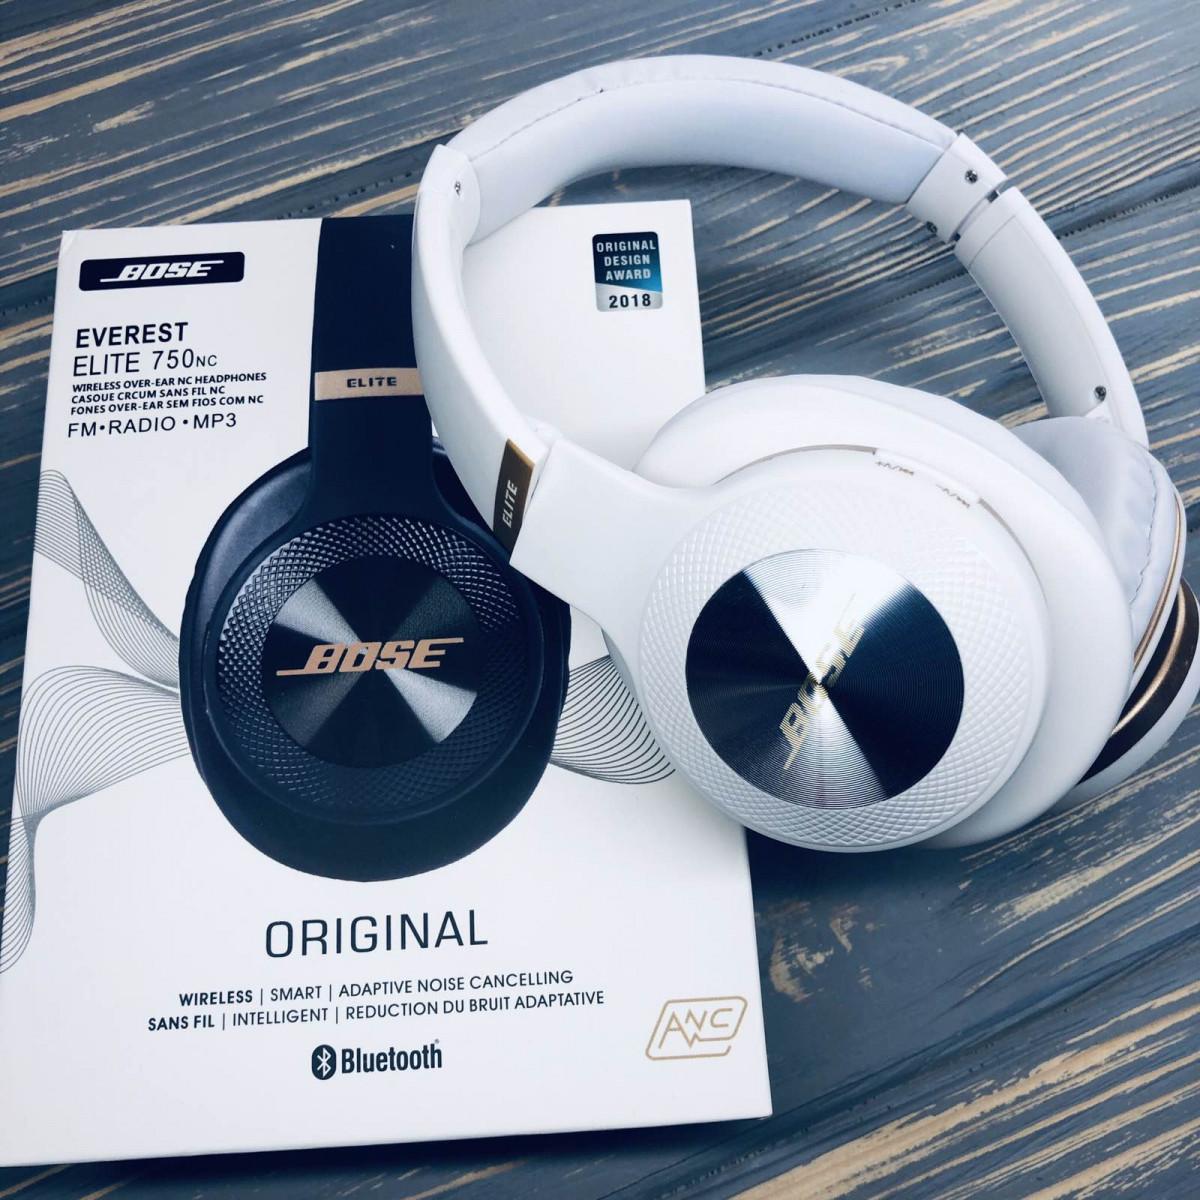 Бездротові навушники Bluetooth Bose Everest Elite V750NC Білі